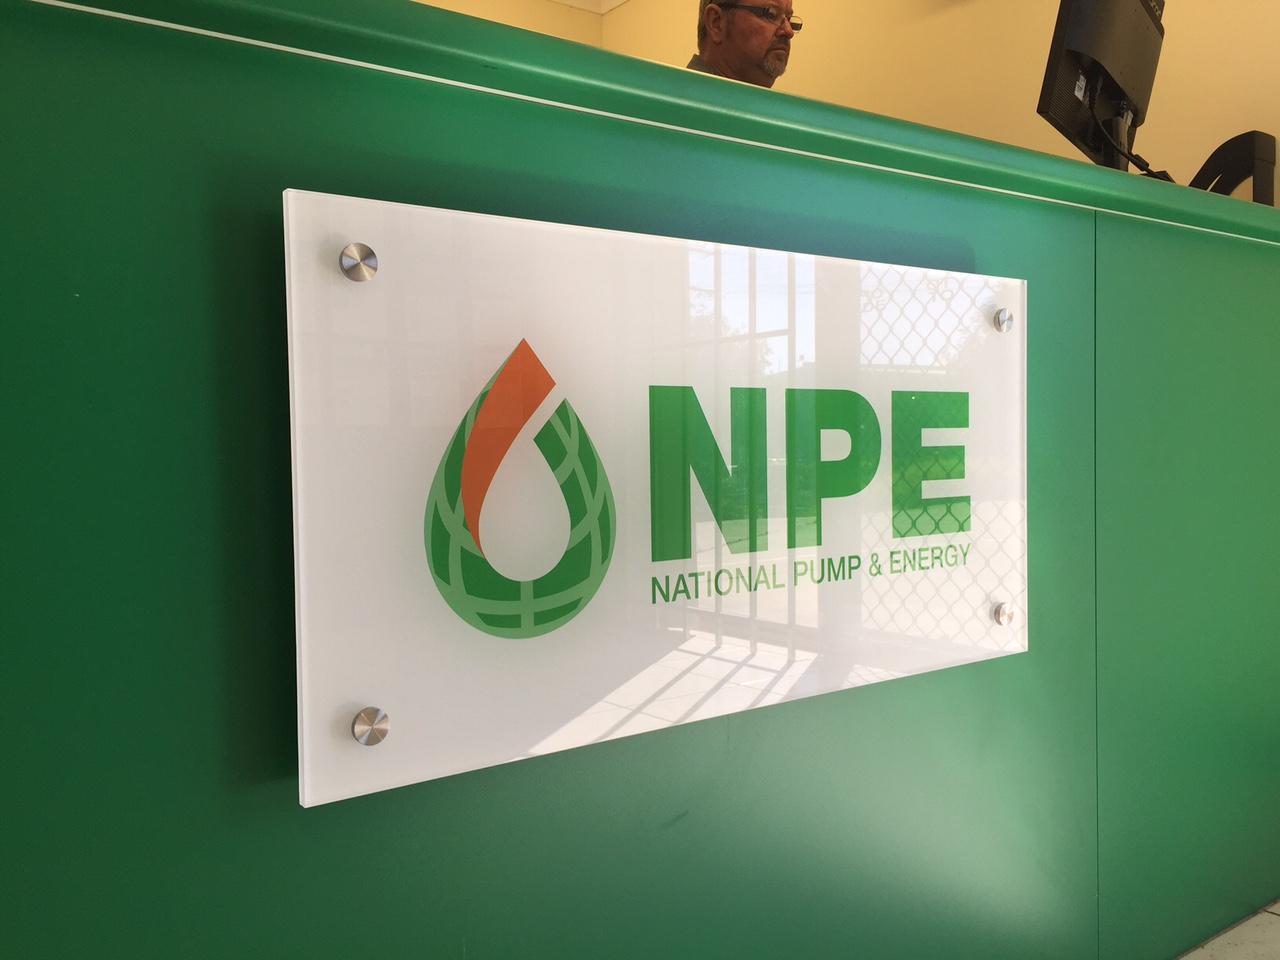 Brisbane Equipment Hire - Pumps, Power & Air - National Pump